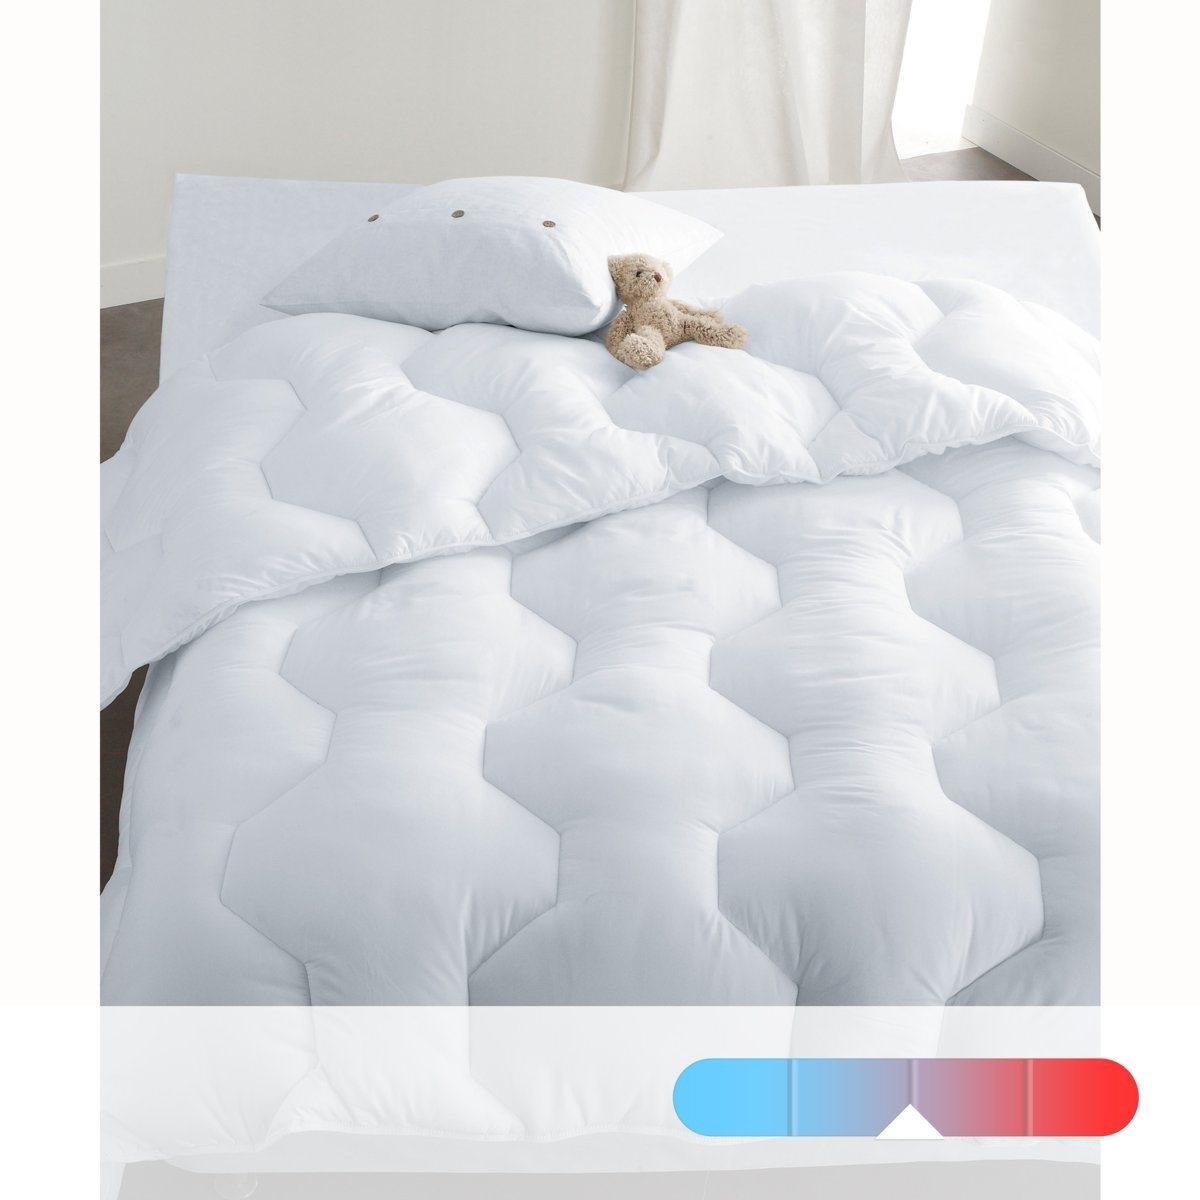 Комплект из двуспального одеяла из микрофибры 400 г/м? и 2 подушек с обработкой MicrostopОчень мягкие одеяло из микрофибры и 2 подушки обеспечат безупречную гигиену и максимум комфорта. Верх с обработкой против клещей Microstop (помогает бороться с дыхательными аллергиями) для большего комфорта.Невероятно комфортный комплект    !Описание синтетического одеяла:   :- Идеально для неотапливаемых комнат.  .- Плотность 400 г/м? тонких полых силиконовых нитей, легких и воздушных, 100% полиэстер: обеспечивают циркуляцию воздуха и не удерживают влагу   :  .- Верх из микрофибры, 100% полиэстер с обработкой против клещей Microstop.- Диагональная прострочка.  .- Отделка кантом.  . - Уход: Стирка при 60°С.Описание синтетических подушек :- Наполнитель из полых тонких силиконовых нитей, 450 г/м?. - .- Верх из микрофибры, 100% полиэстер с обработкой против клещей Microstop. - Размеры: 60 х 60 см.  - Уход: стирать при  60°.Изделие с биоцидной обработкойКомплект одеяло + 2 подушки из микрофибры поставляются в прозрачном силиконовом чехле.<br><br>Цвет: белый<br>Размер: 240 x 220  см